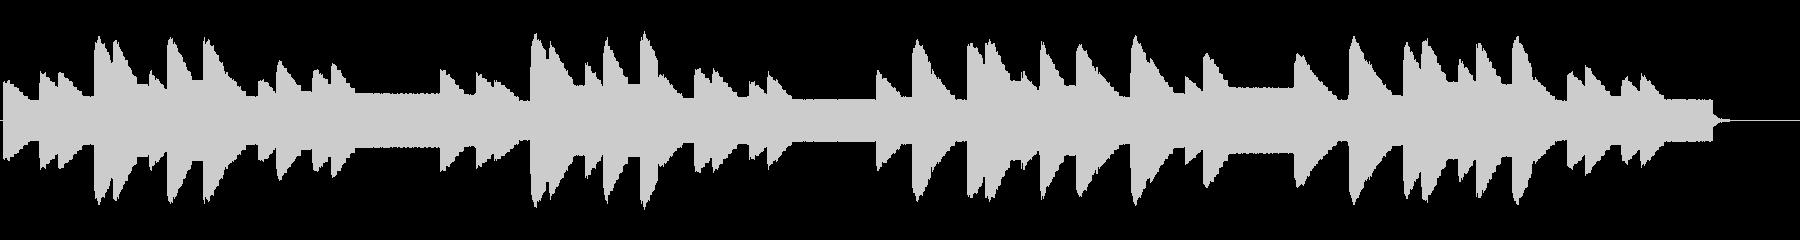 横断歩道 誘導音-5_故郷の空_dryの未再生の波形